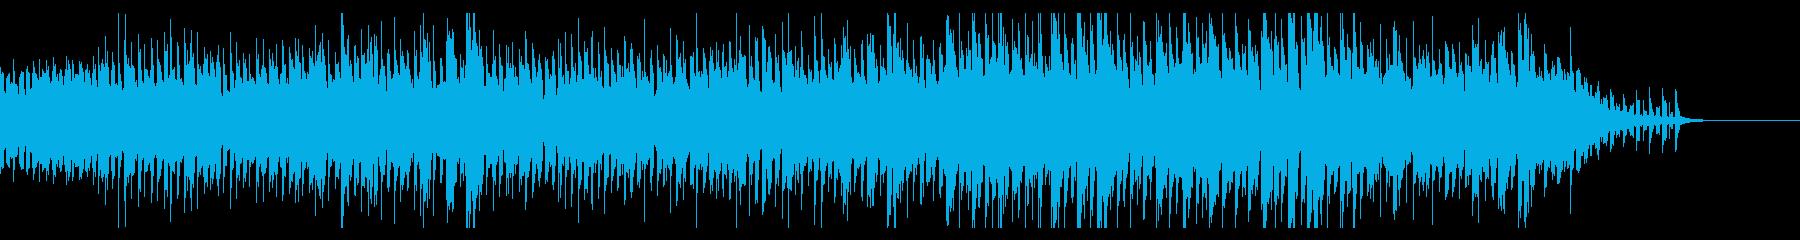 トイサウンドで小休止をイメージした曲の再生済みの波形